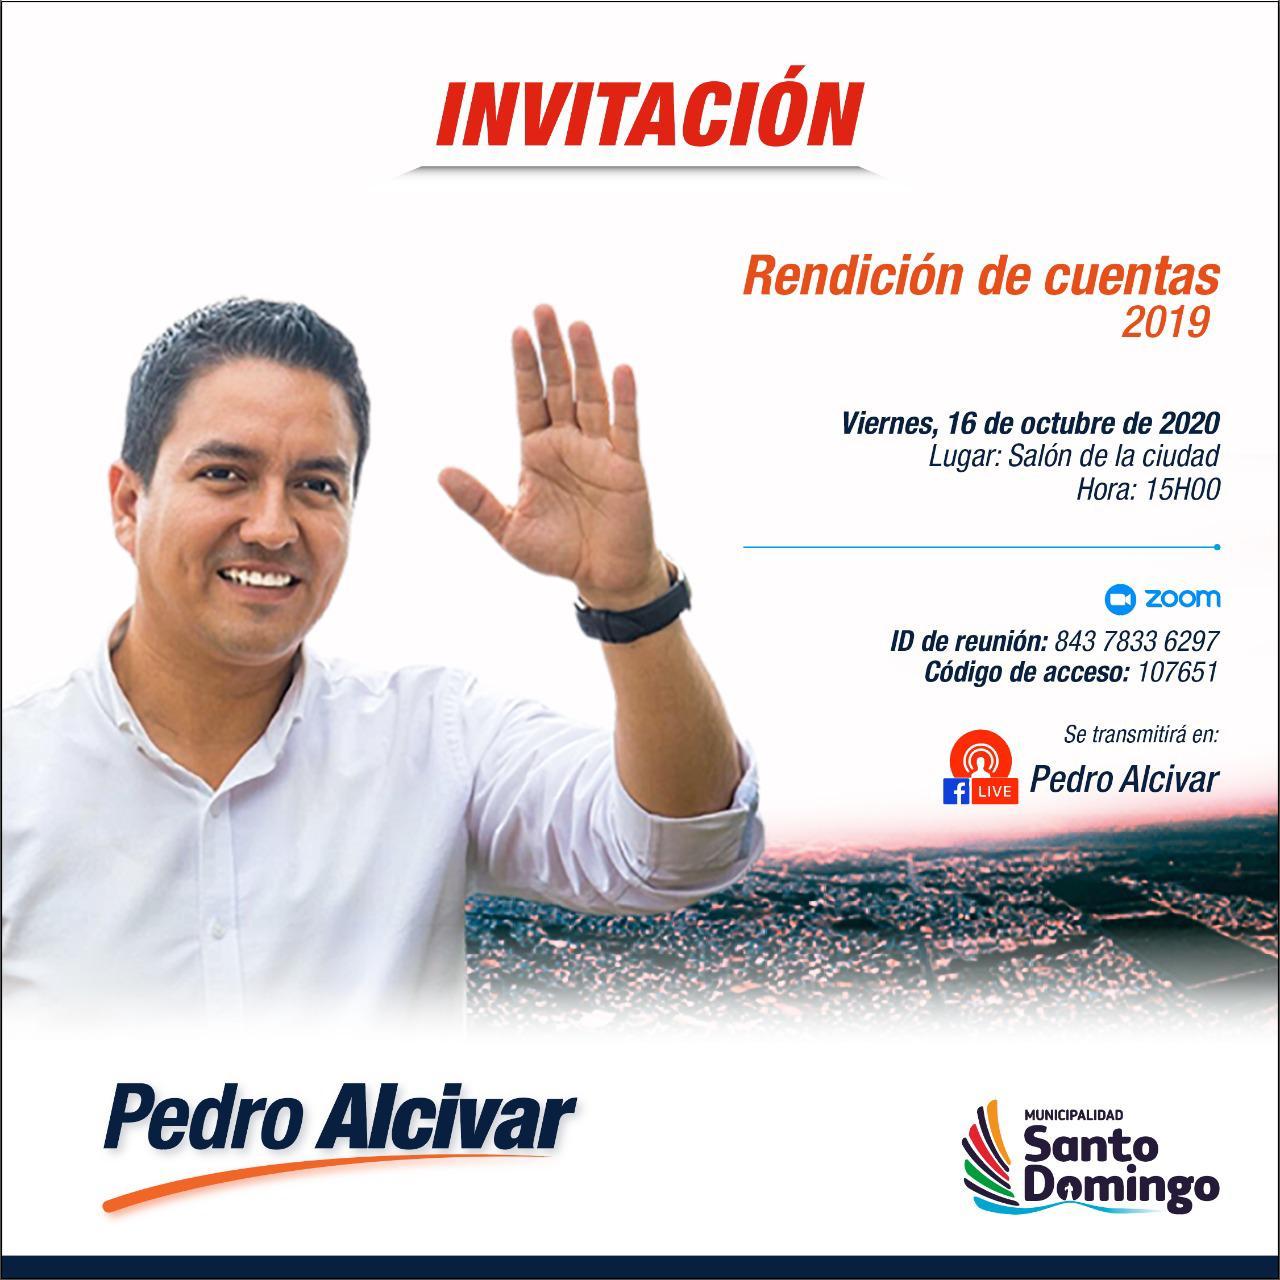 1.- INVITACION